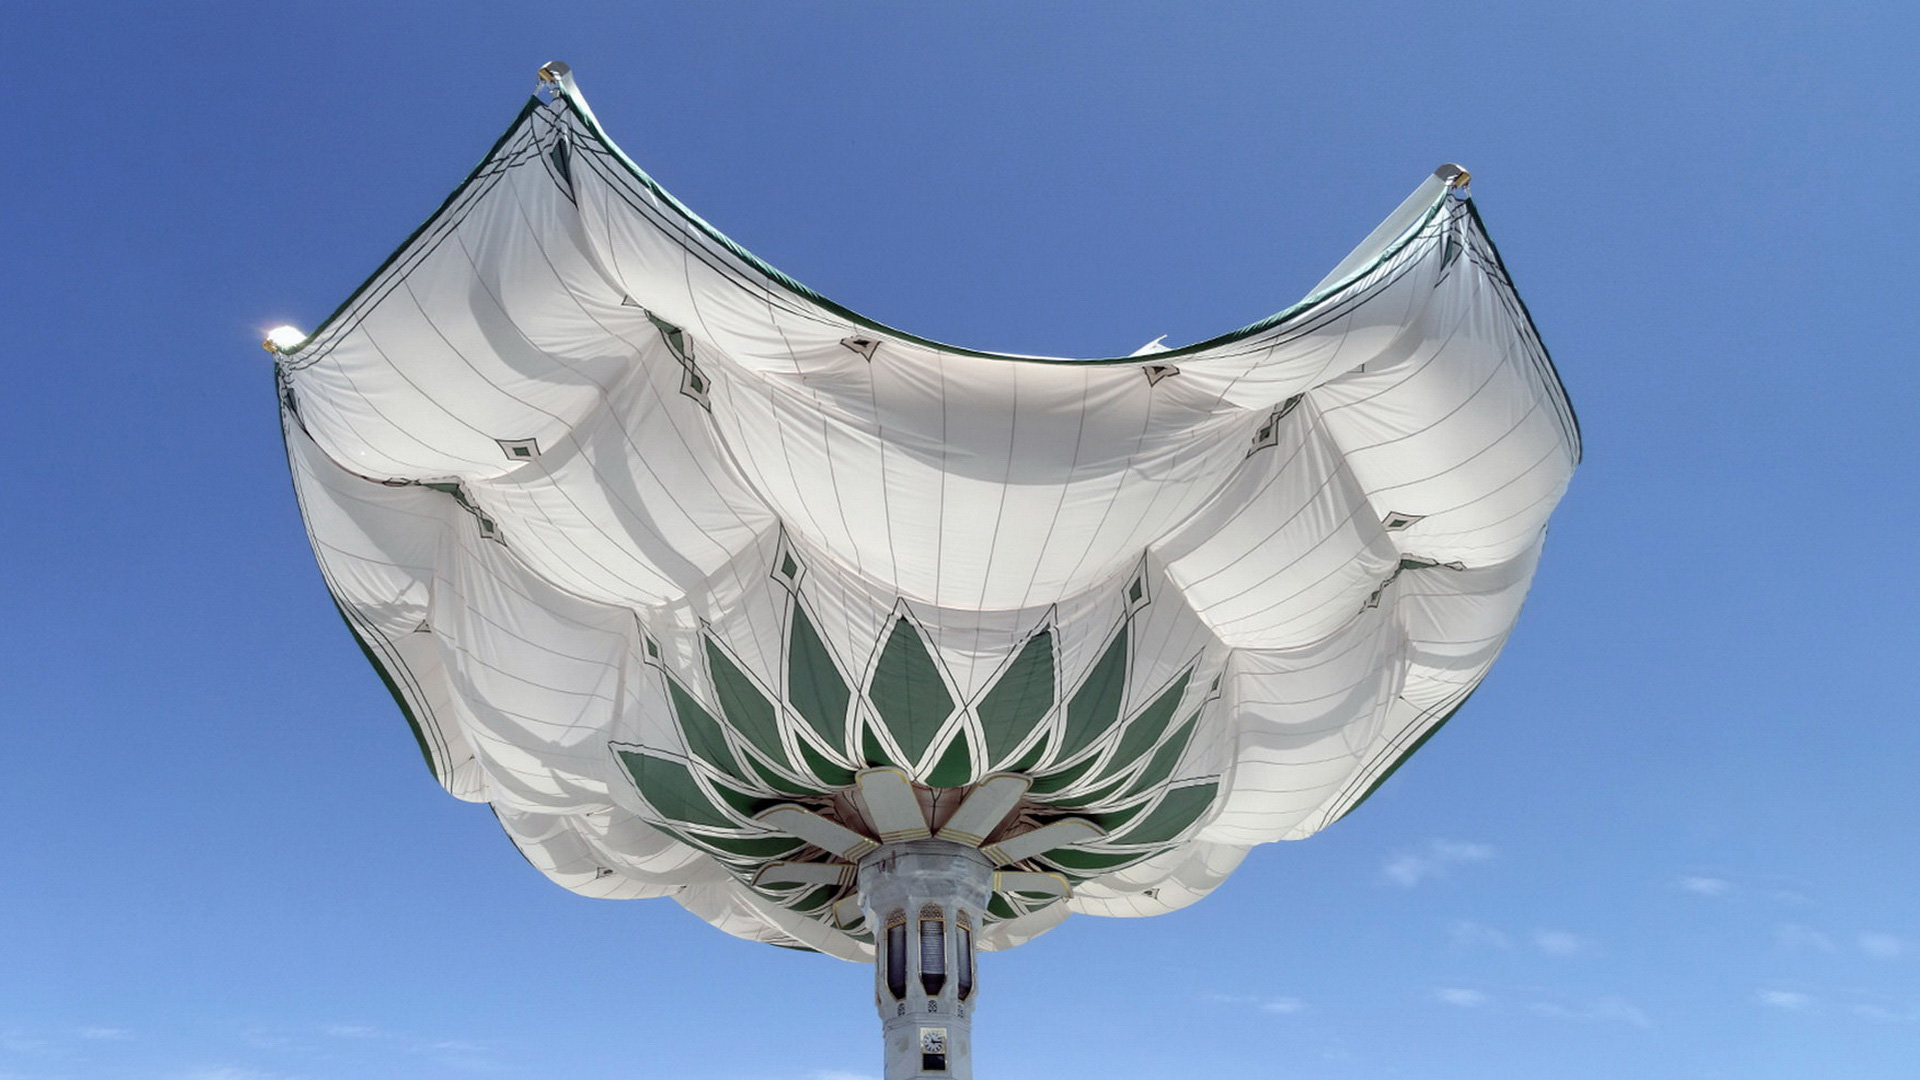 伸缩折叠开合式建筑雨伞